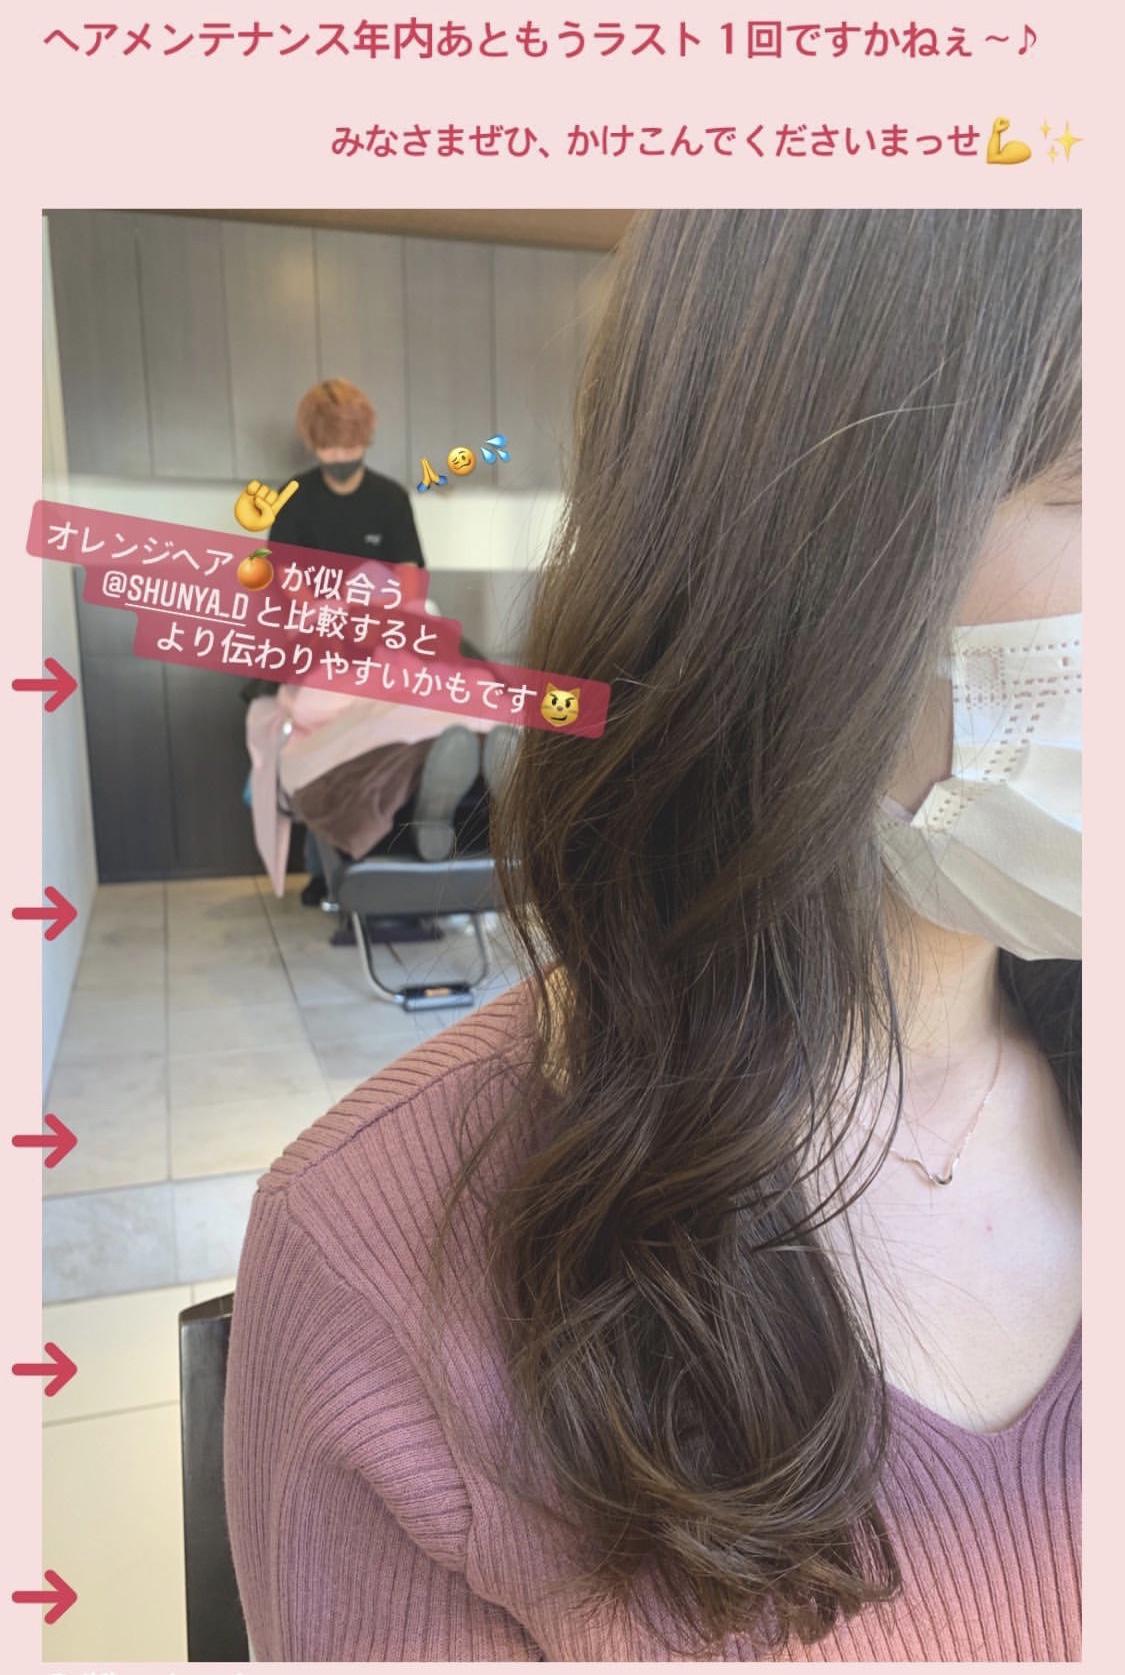 コスメストレートパーマ×ブリーチなしカラーでも理想になれます!^ ^!